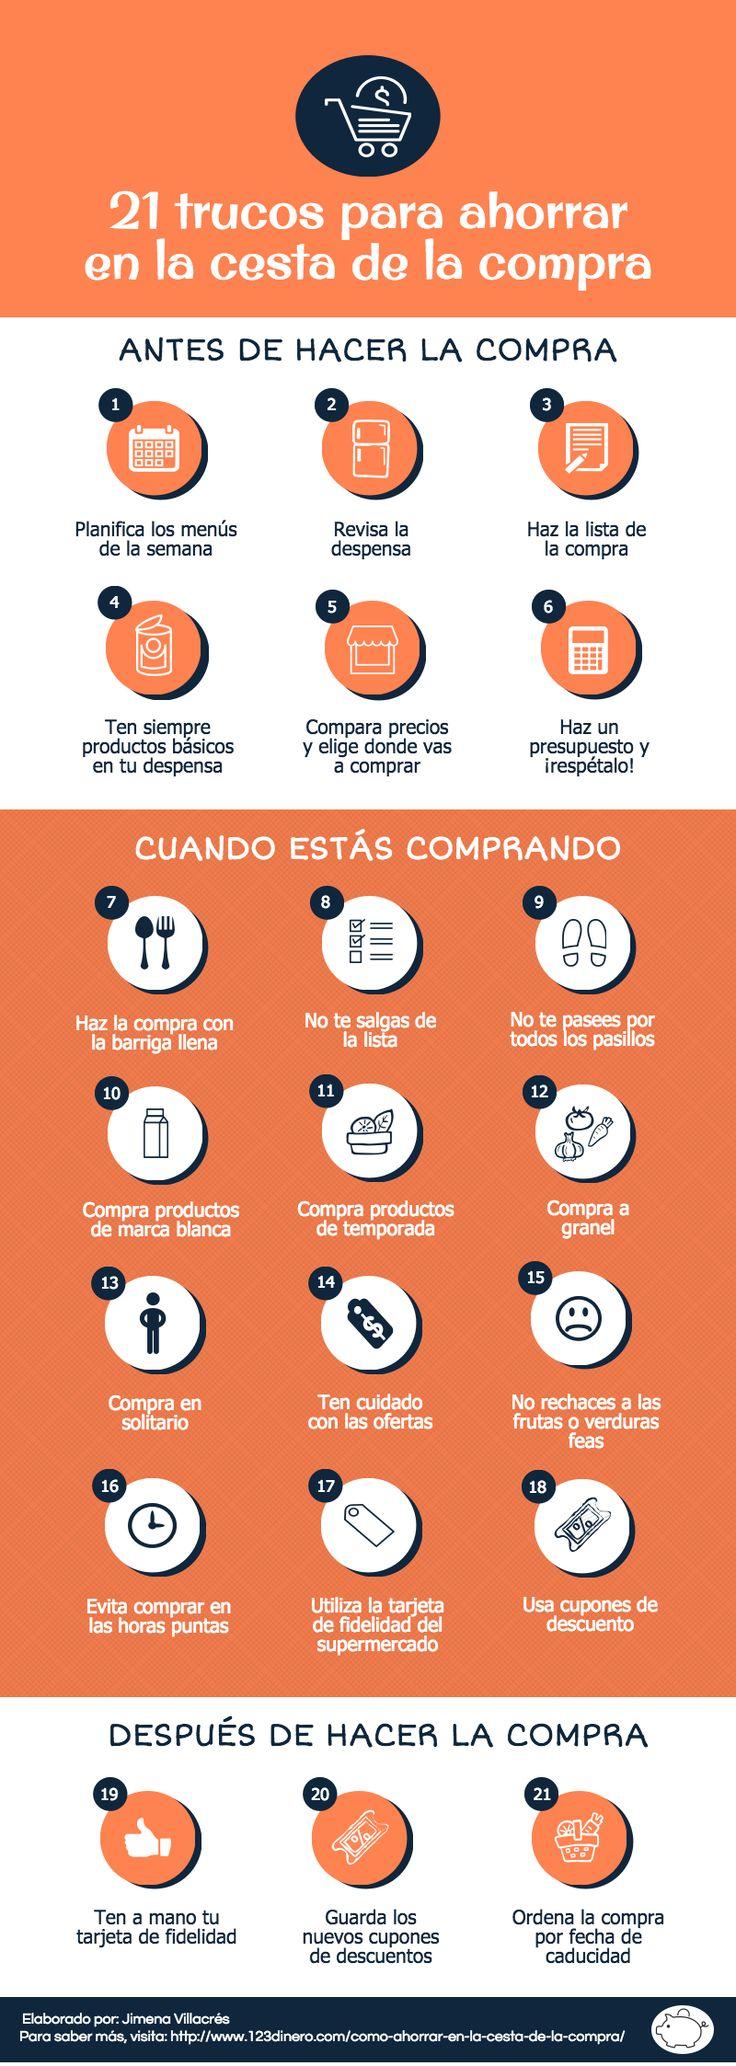 Como ahorrar en la cesta de la compra. Lee el artículo completo aquí: http://www.123dinero.com/como-ahorrar-en-la-cesta-de-la-compra/